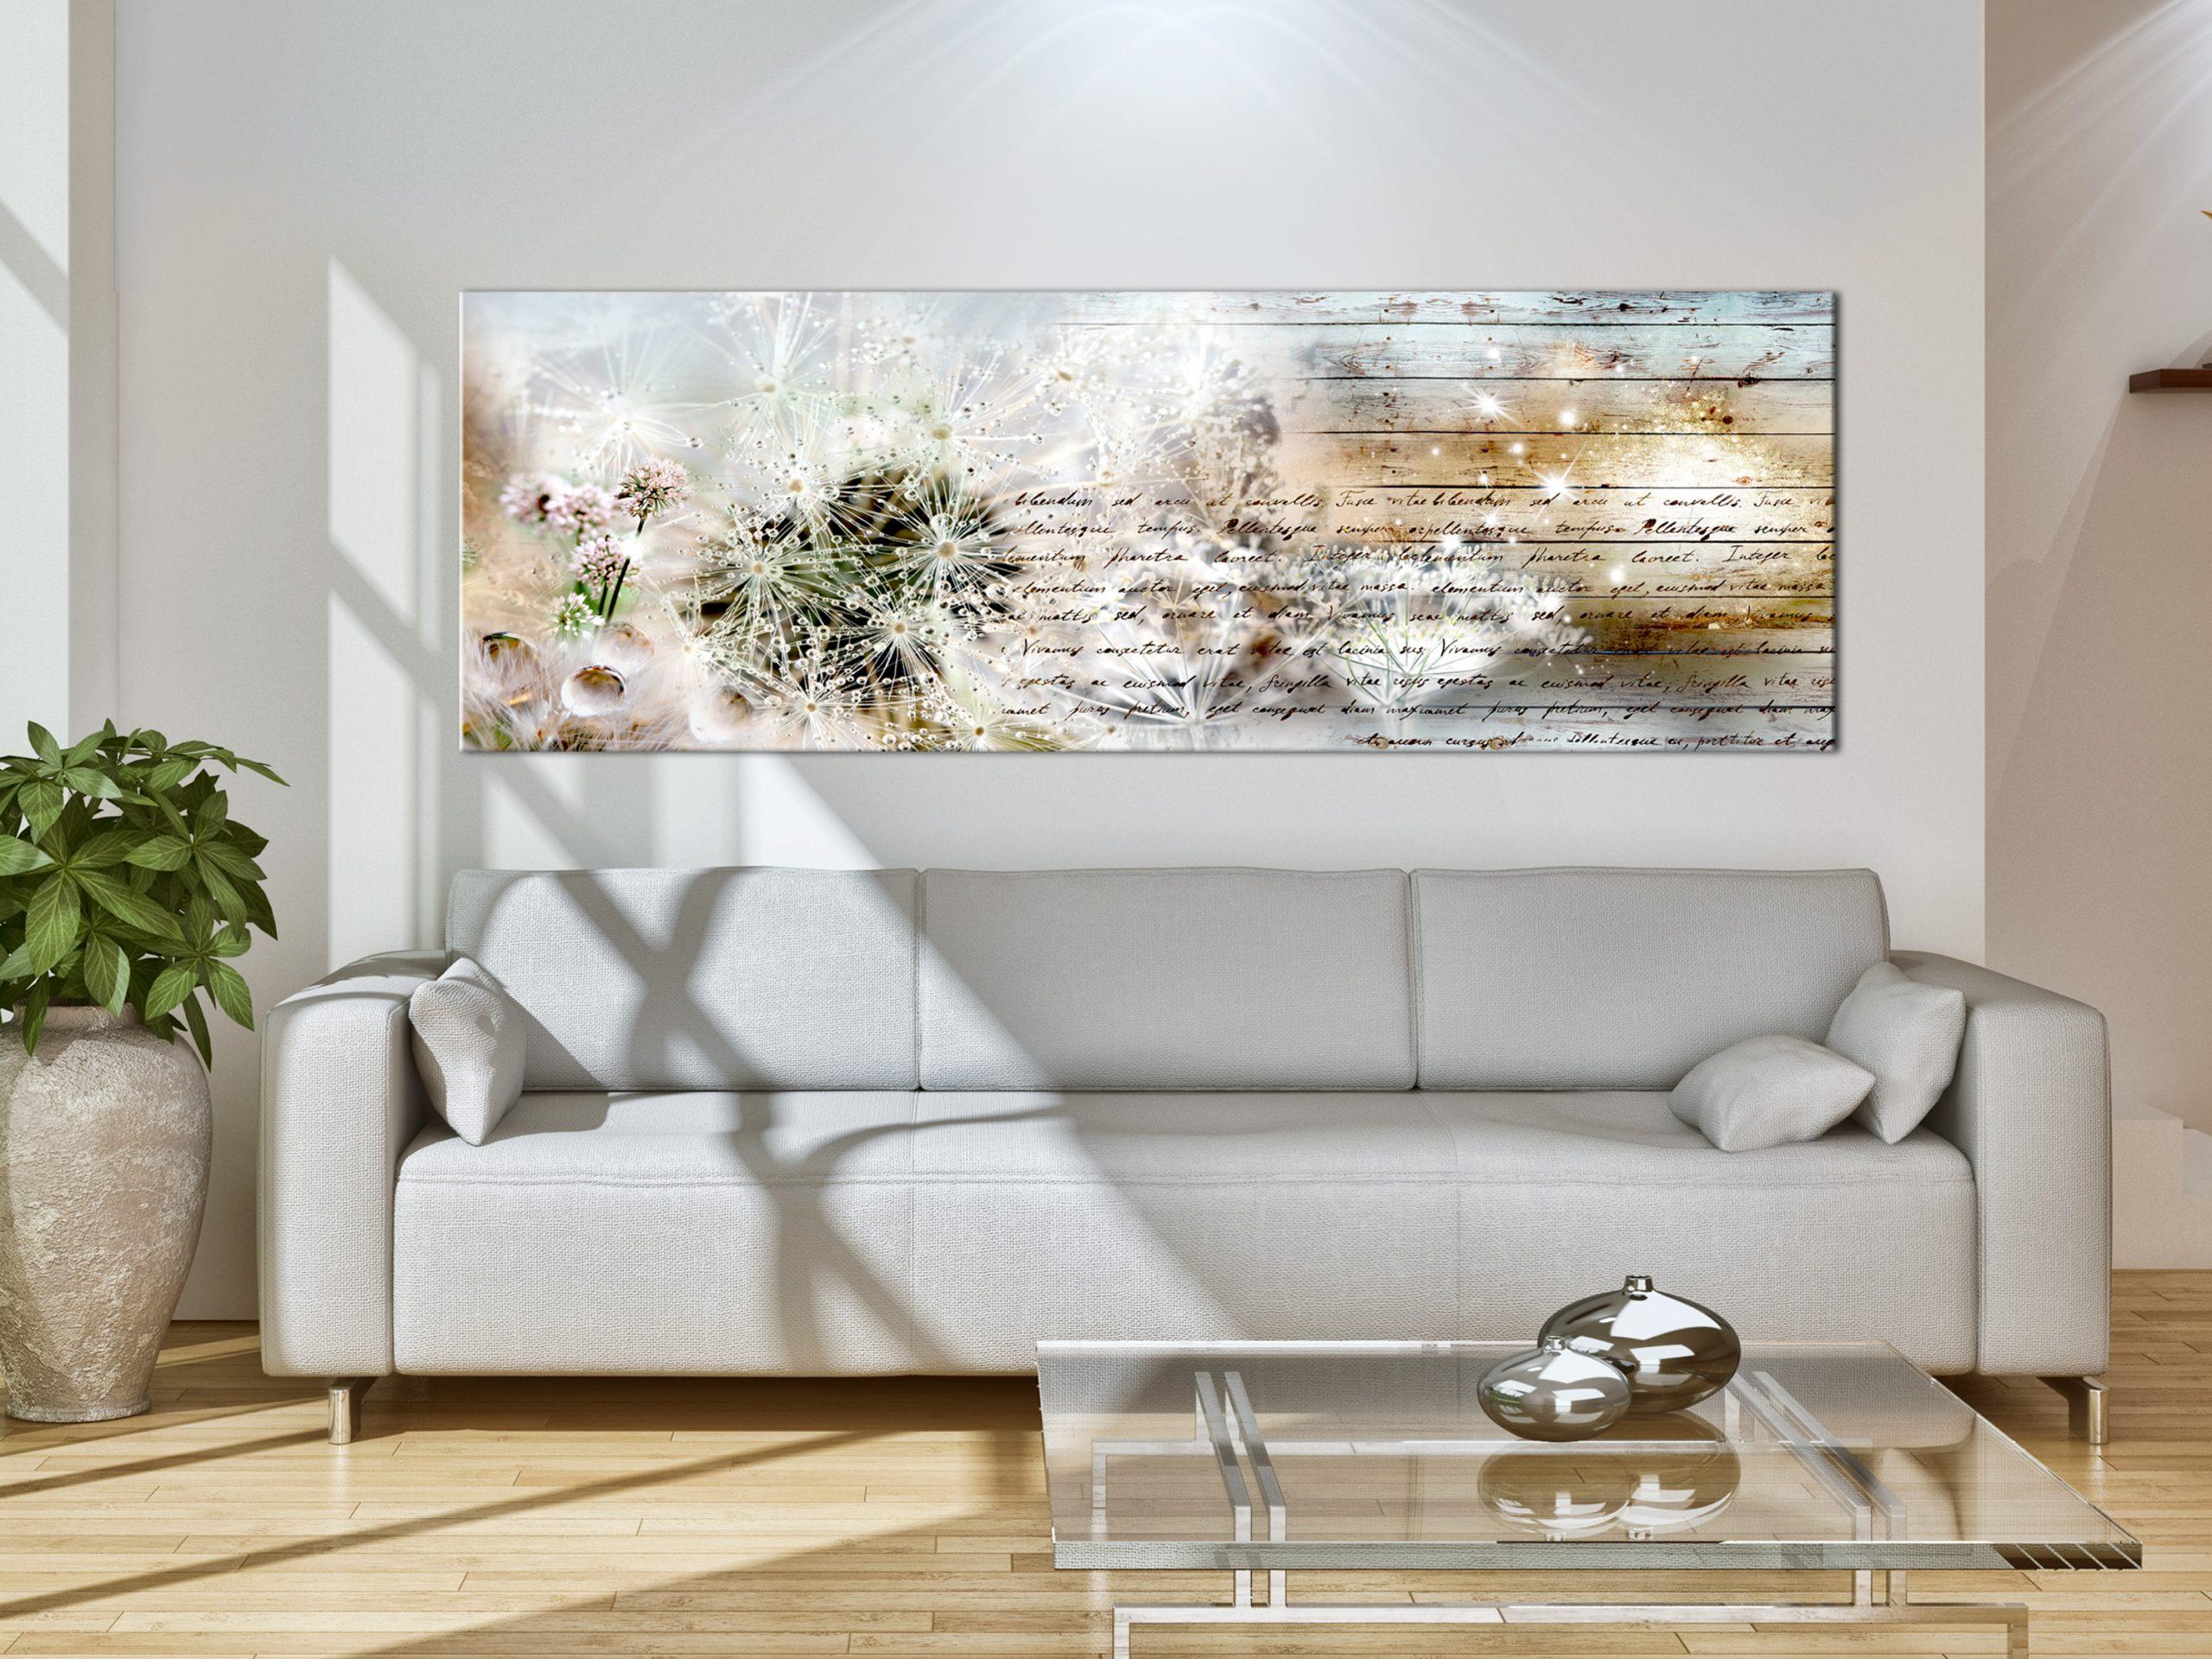 Full Size of Wandbilder Wohnzimmer Modern Xxl Bilder Lutz Moderne Details Zu Pusteblume Natur Deckenstrahler Küche Weiss Led Beleuchtung Deko Betten Stehlampe Poster Wohnzimmer Wandbilder Wohnzimmer Modern Xxl